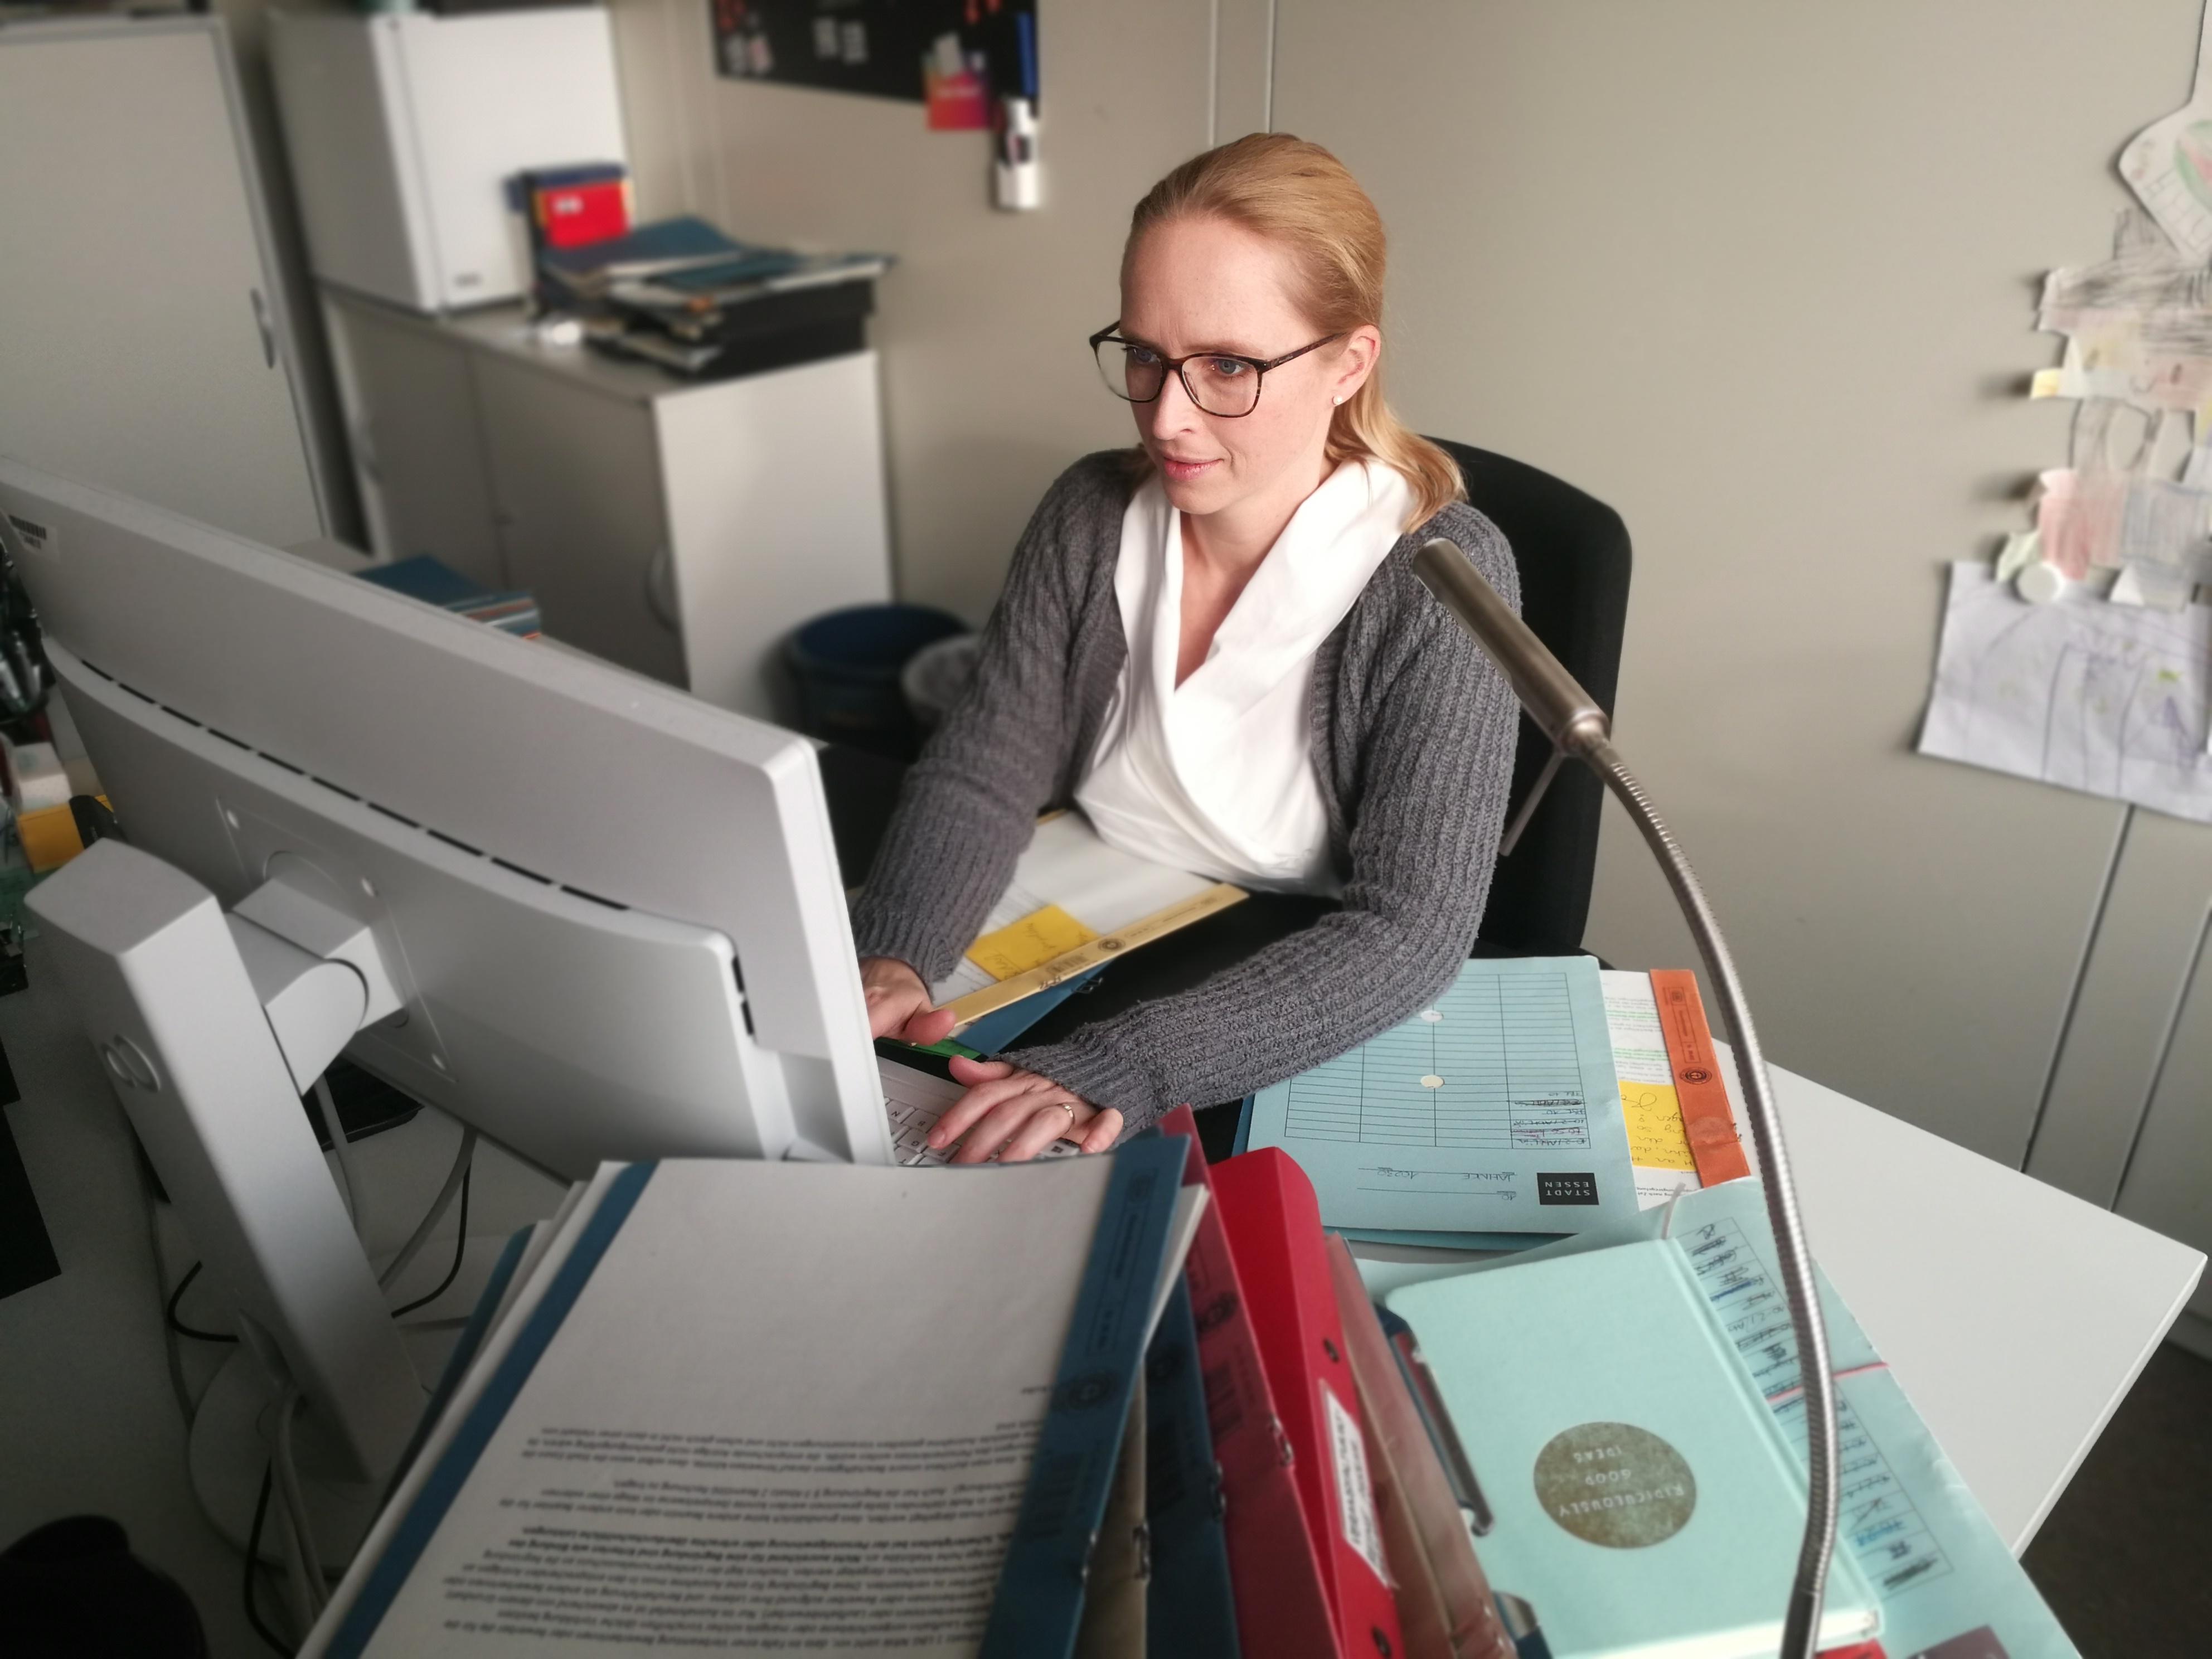 Mitarbeiterin an ihrem Büroarbeitsplatz